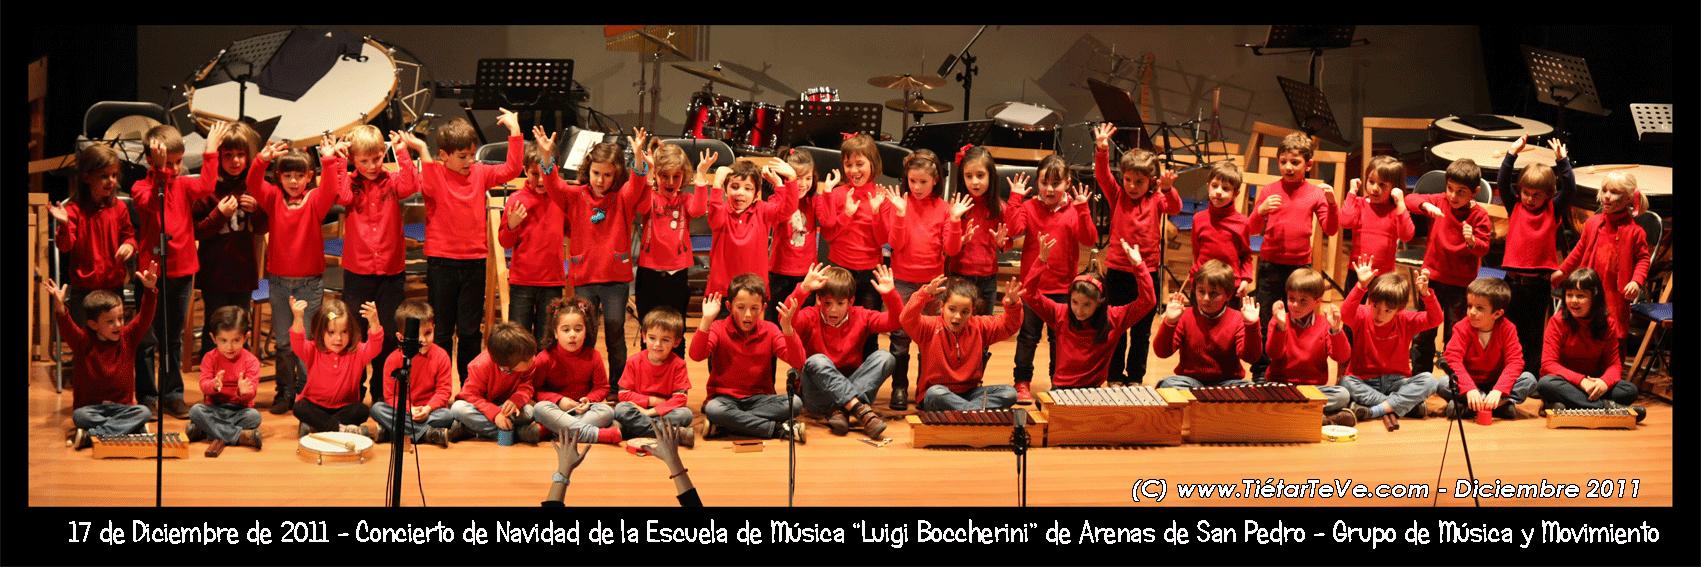 Aula de Música y Movimiento de la Escuela Municipal de Música de Arenas de San Pedro